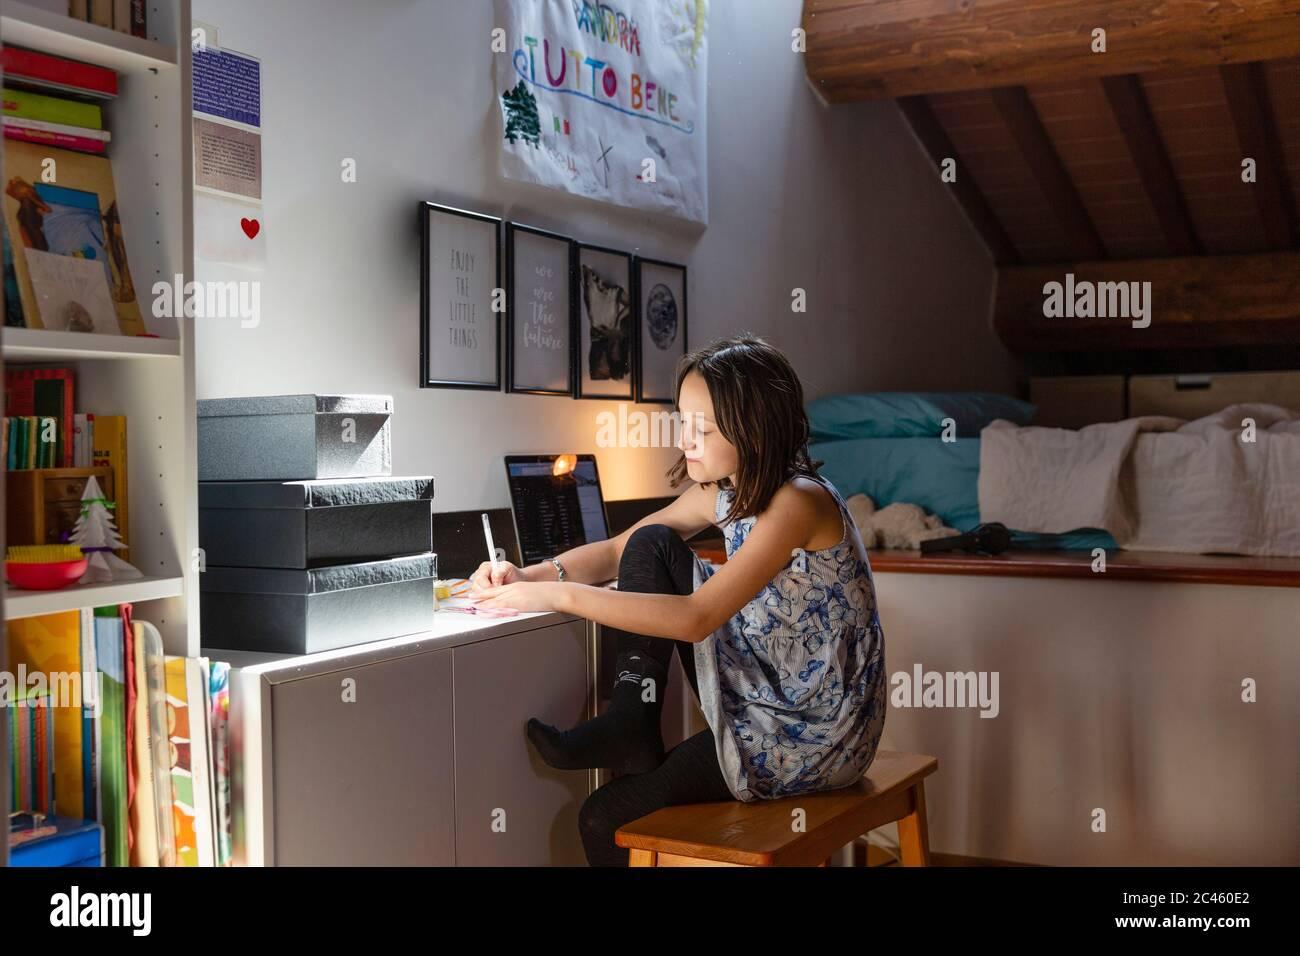 Girl sitting in her bedroom, doing homework during Coronavirus lockdown. Stock Photo